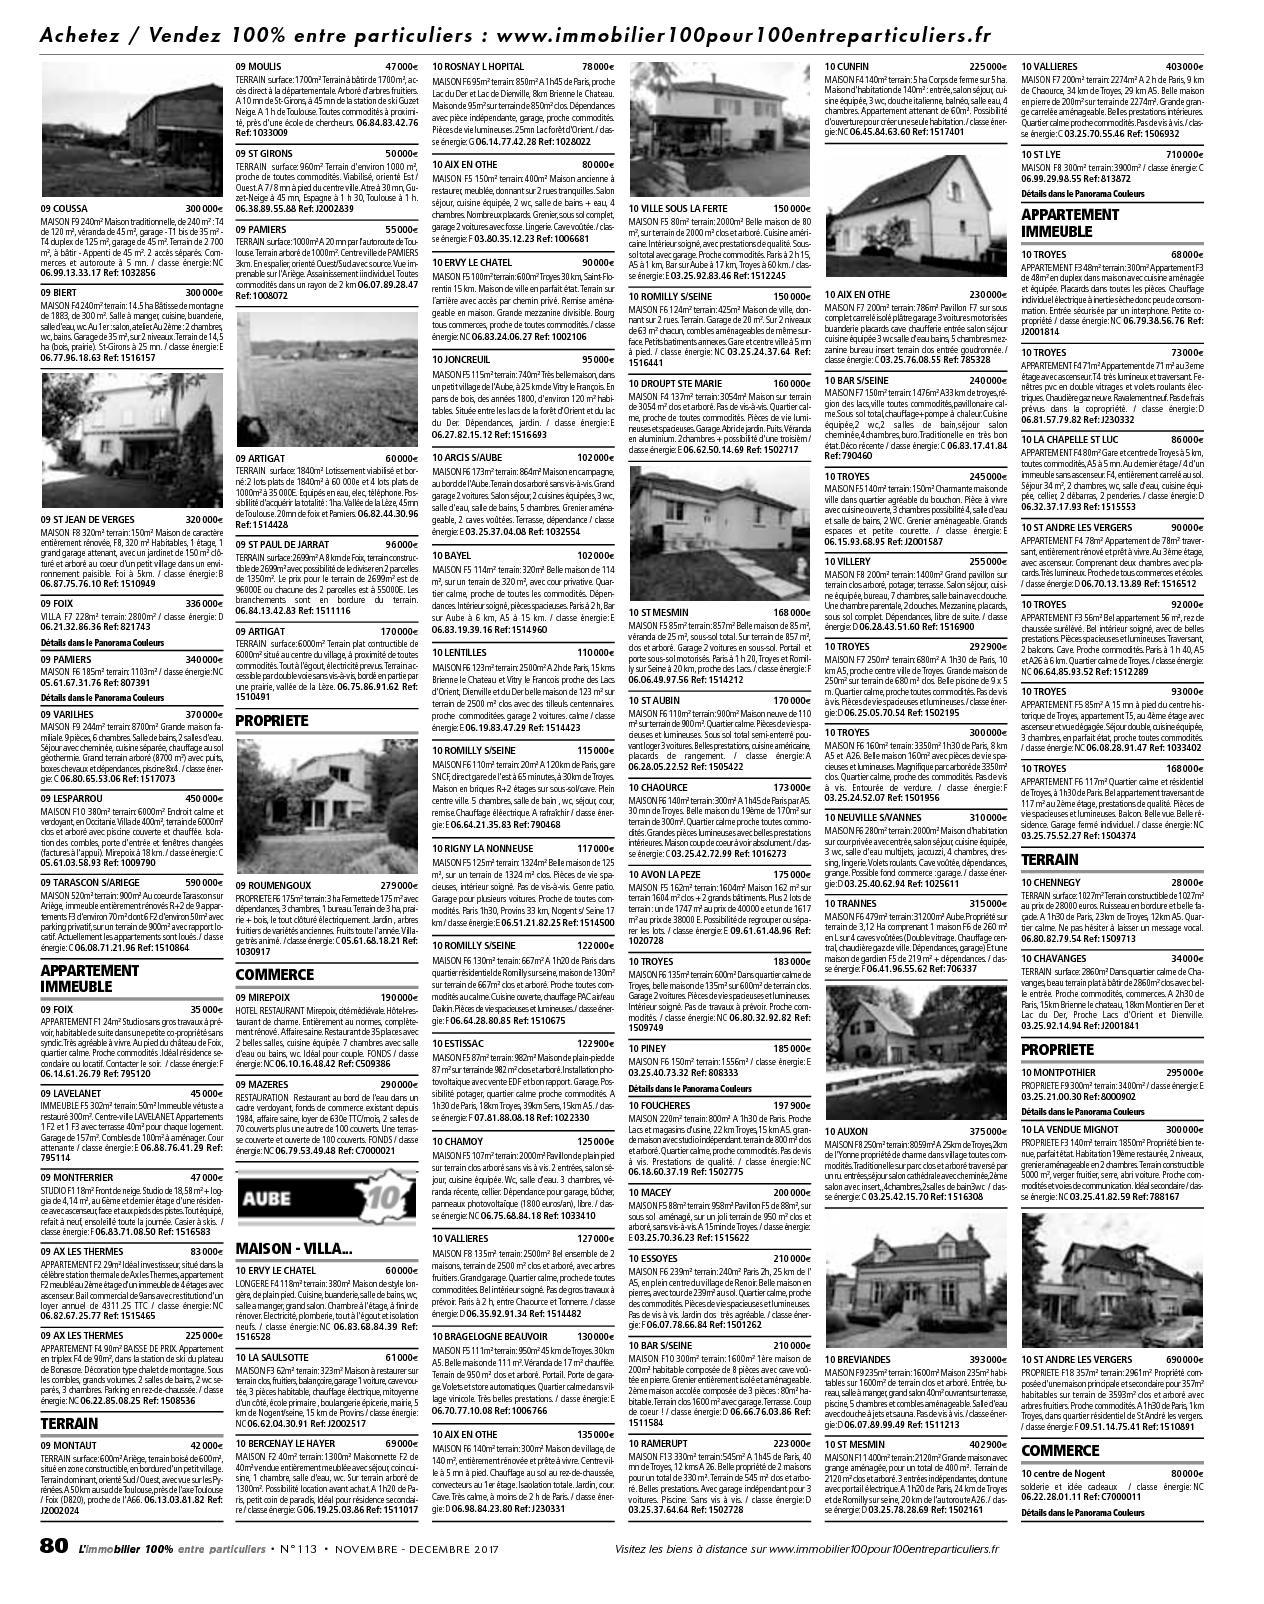 L Immobilier 100 Entre Particuliers Appelimmo N 113 Novembre